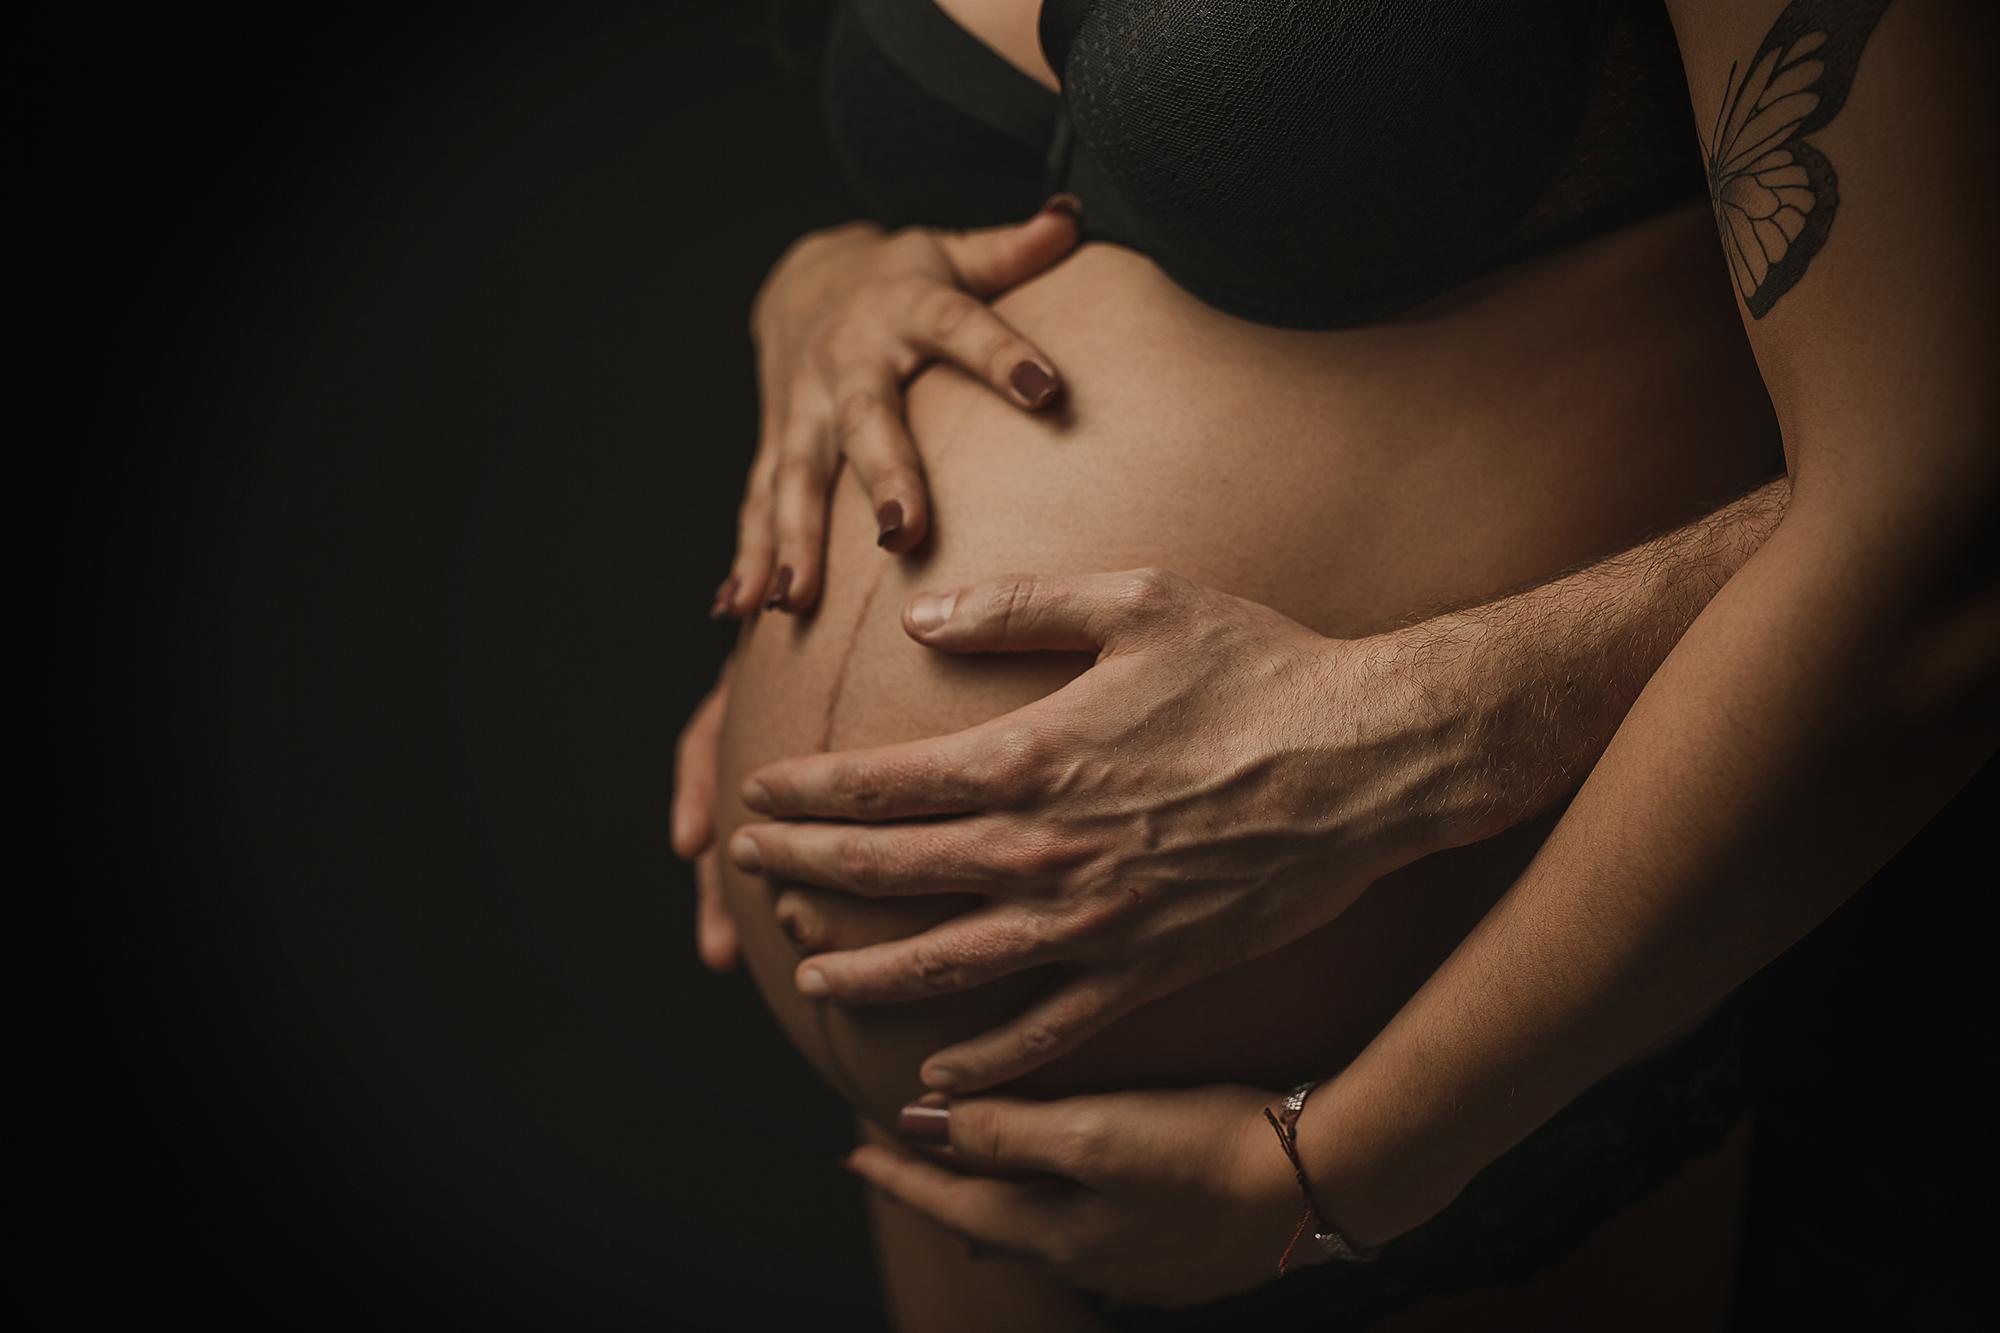 arga espera, embarazo de 9 meses, sesión de embarazo es estudio en zaragoza, sesión de embarazo en exterior en zaragoza, foto de embarazo de familia